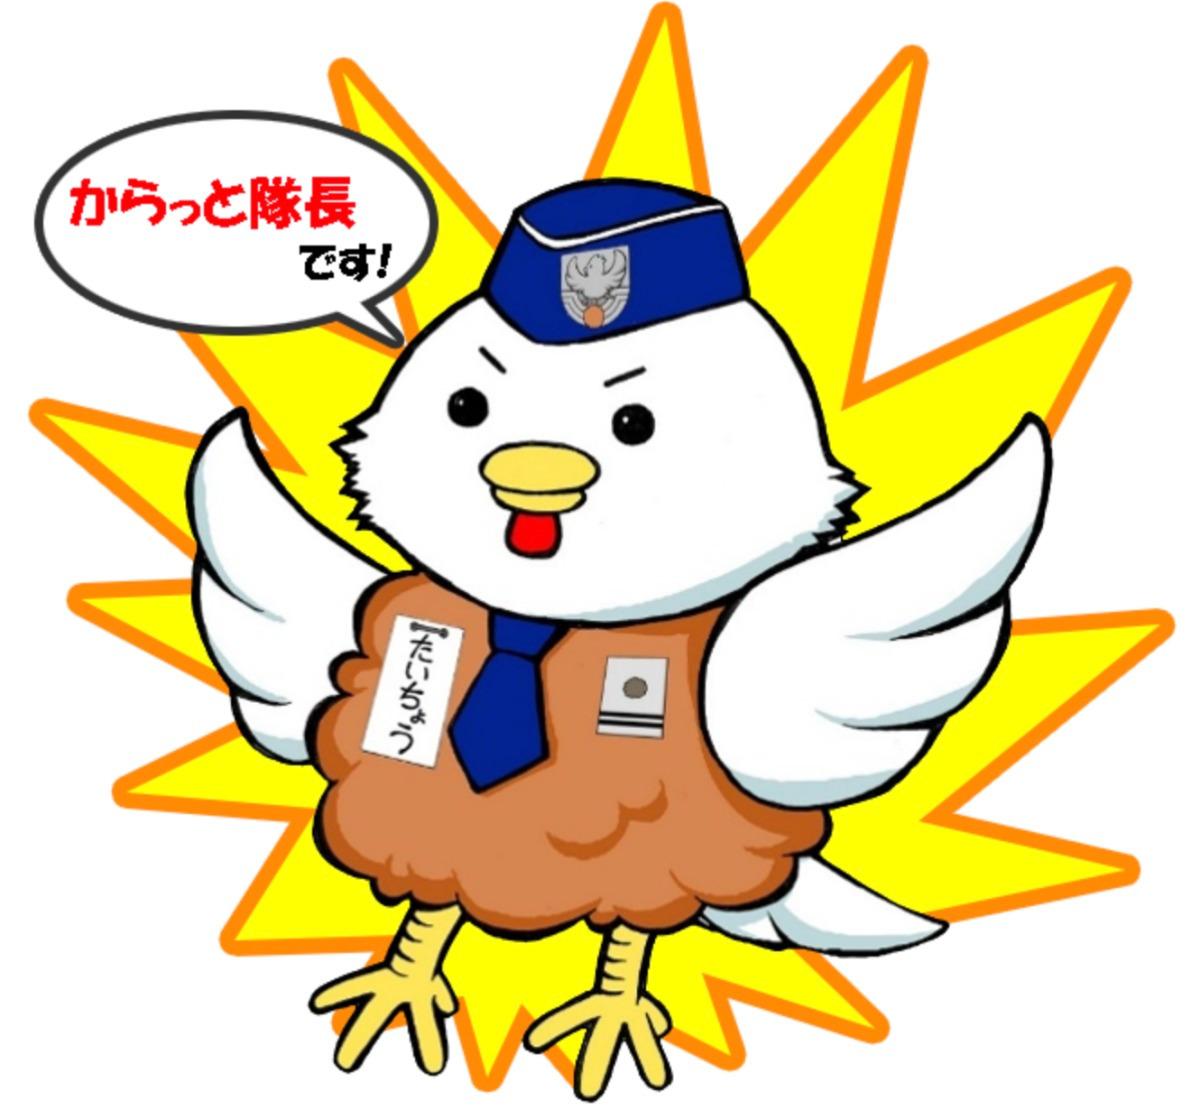 「空自空上げ」のイメージキャラクター「からっと隊長」